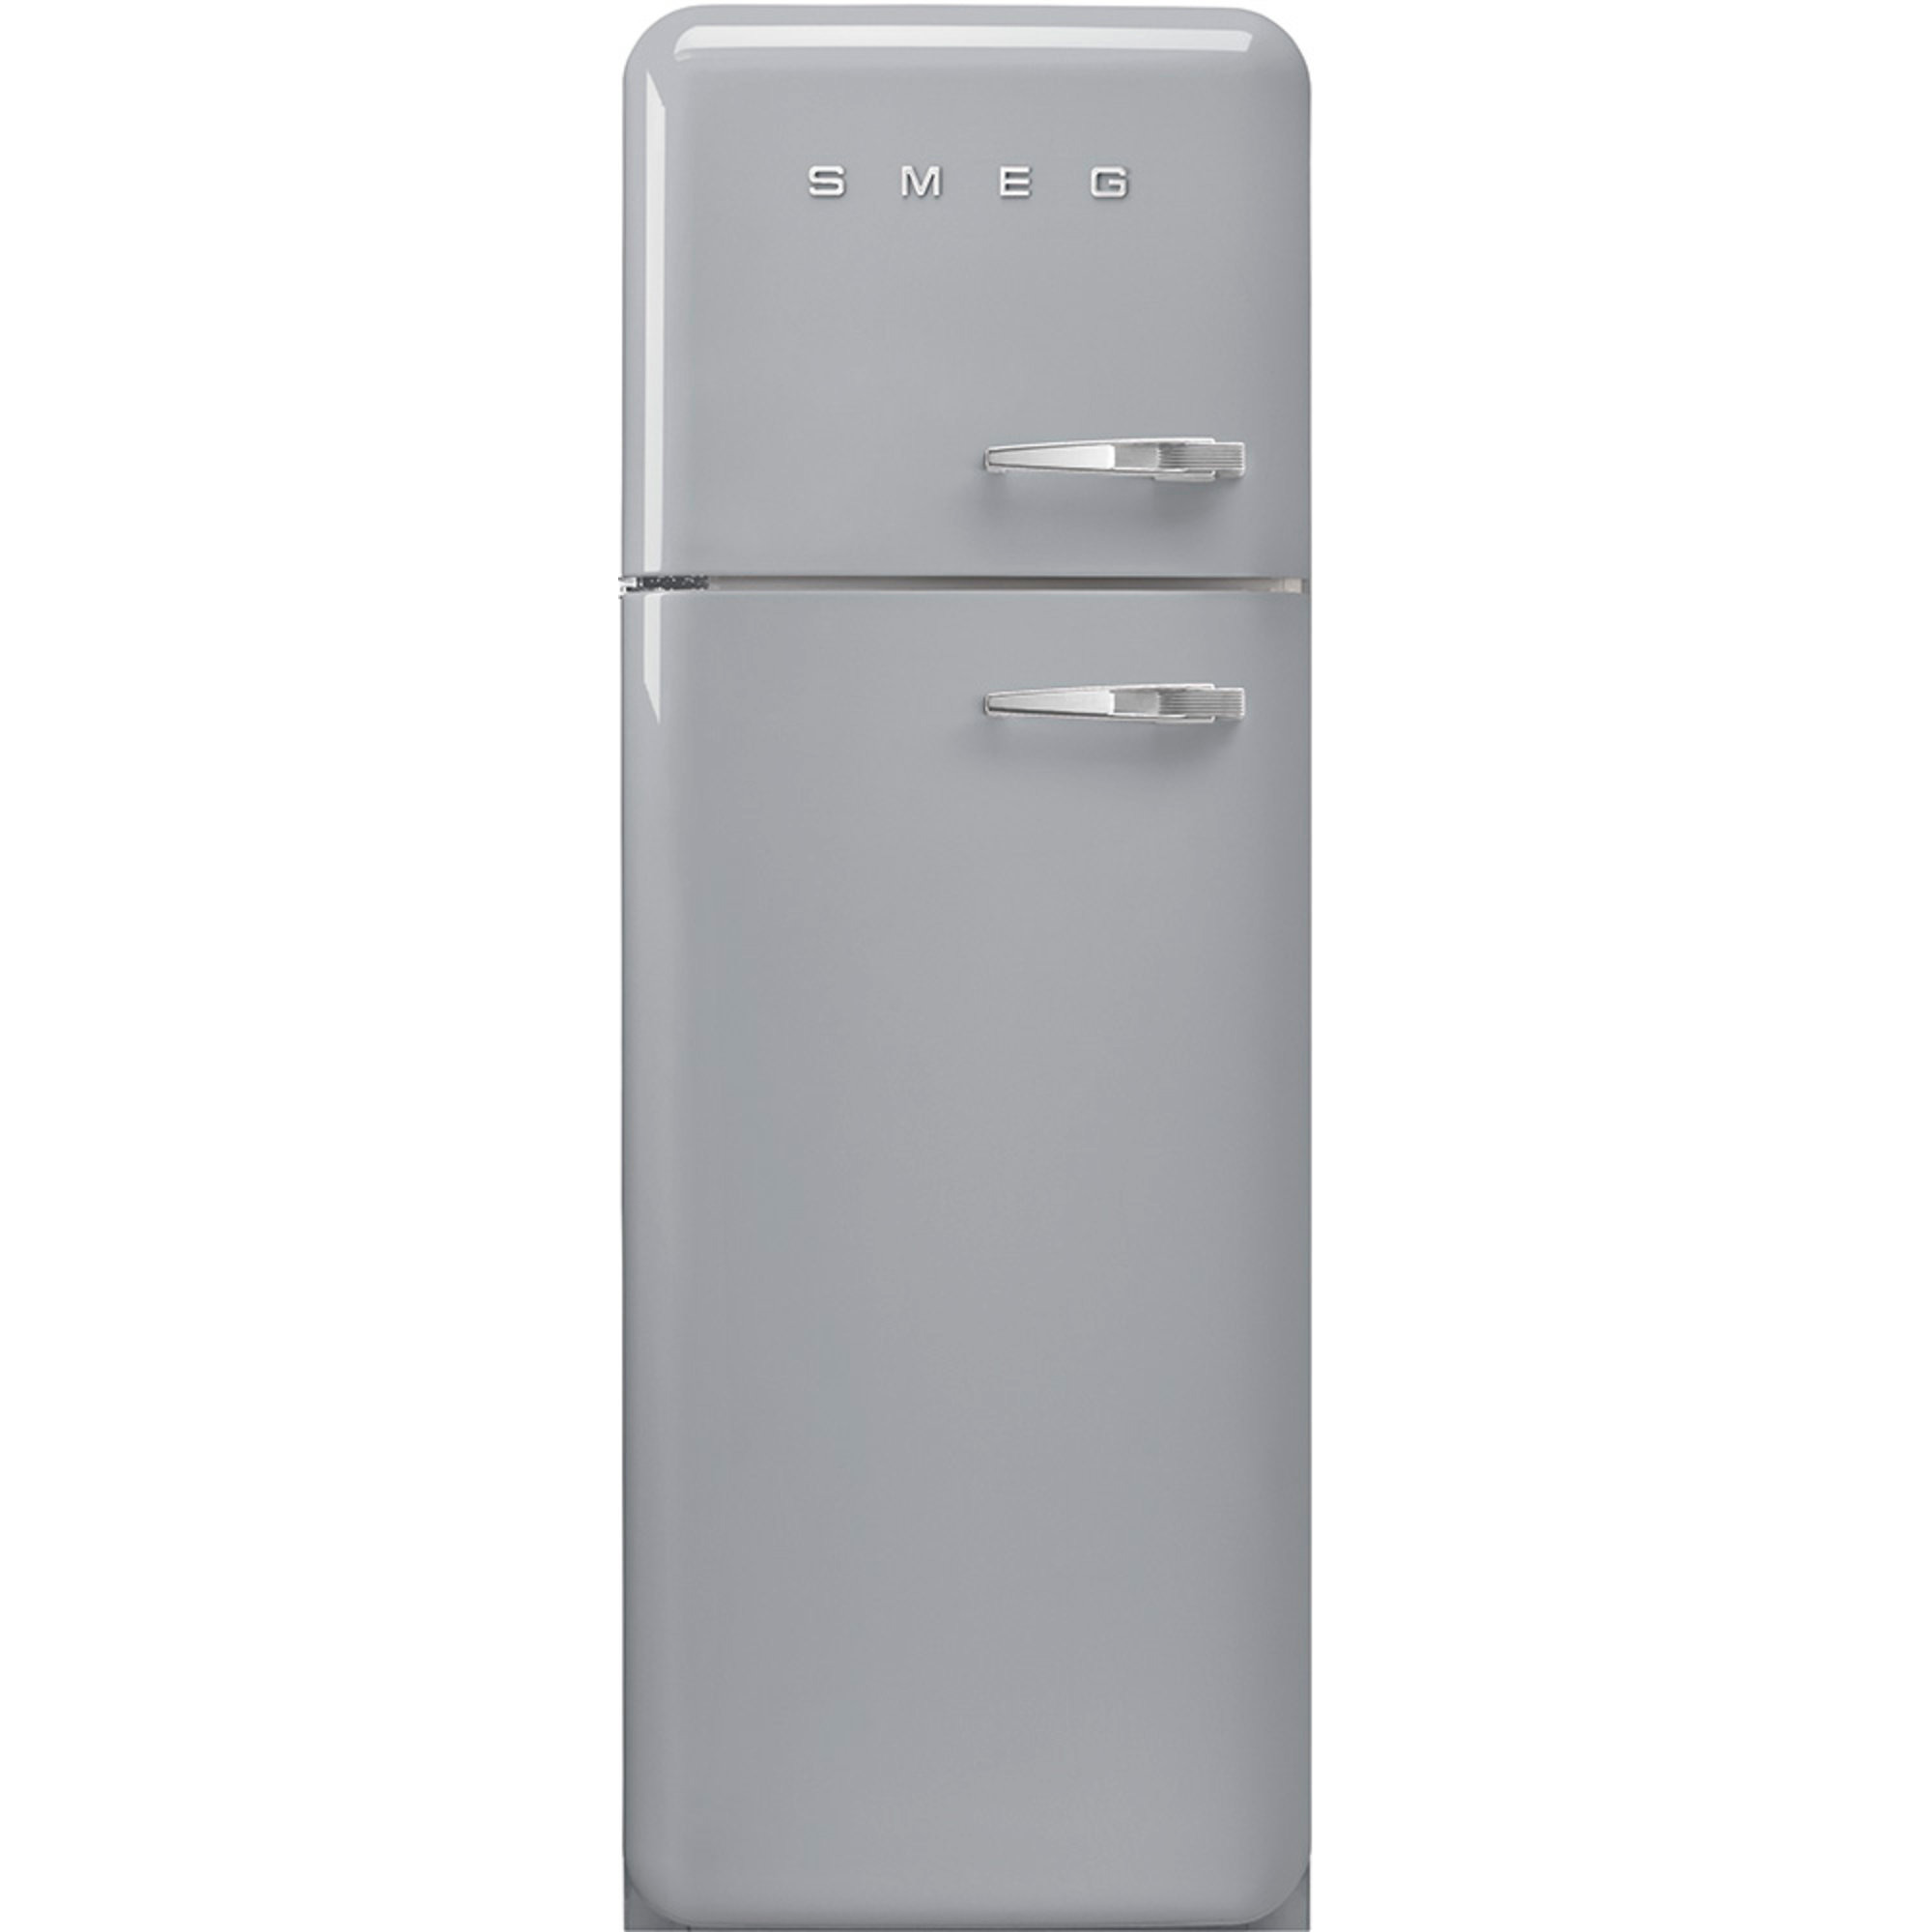 Smeg 172 cm Vänsterhängt Kylskåp/frys i 50-tals Retrodesign Silver